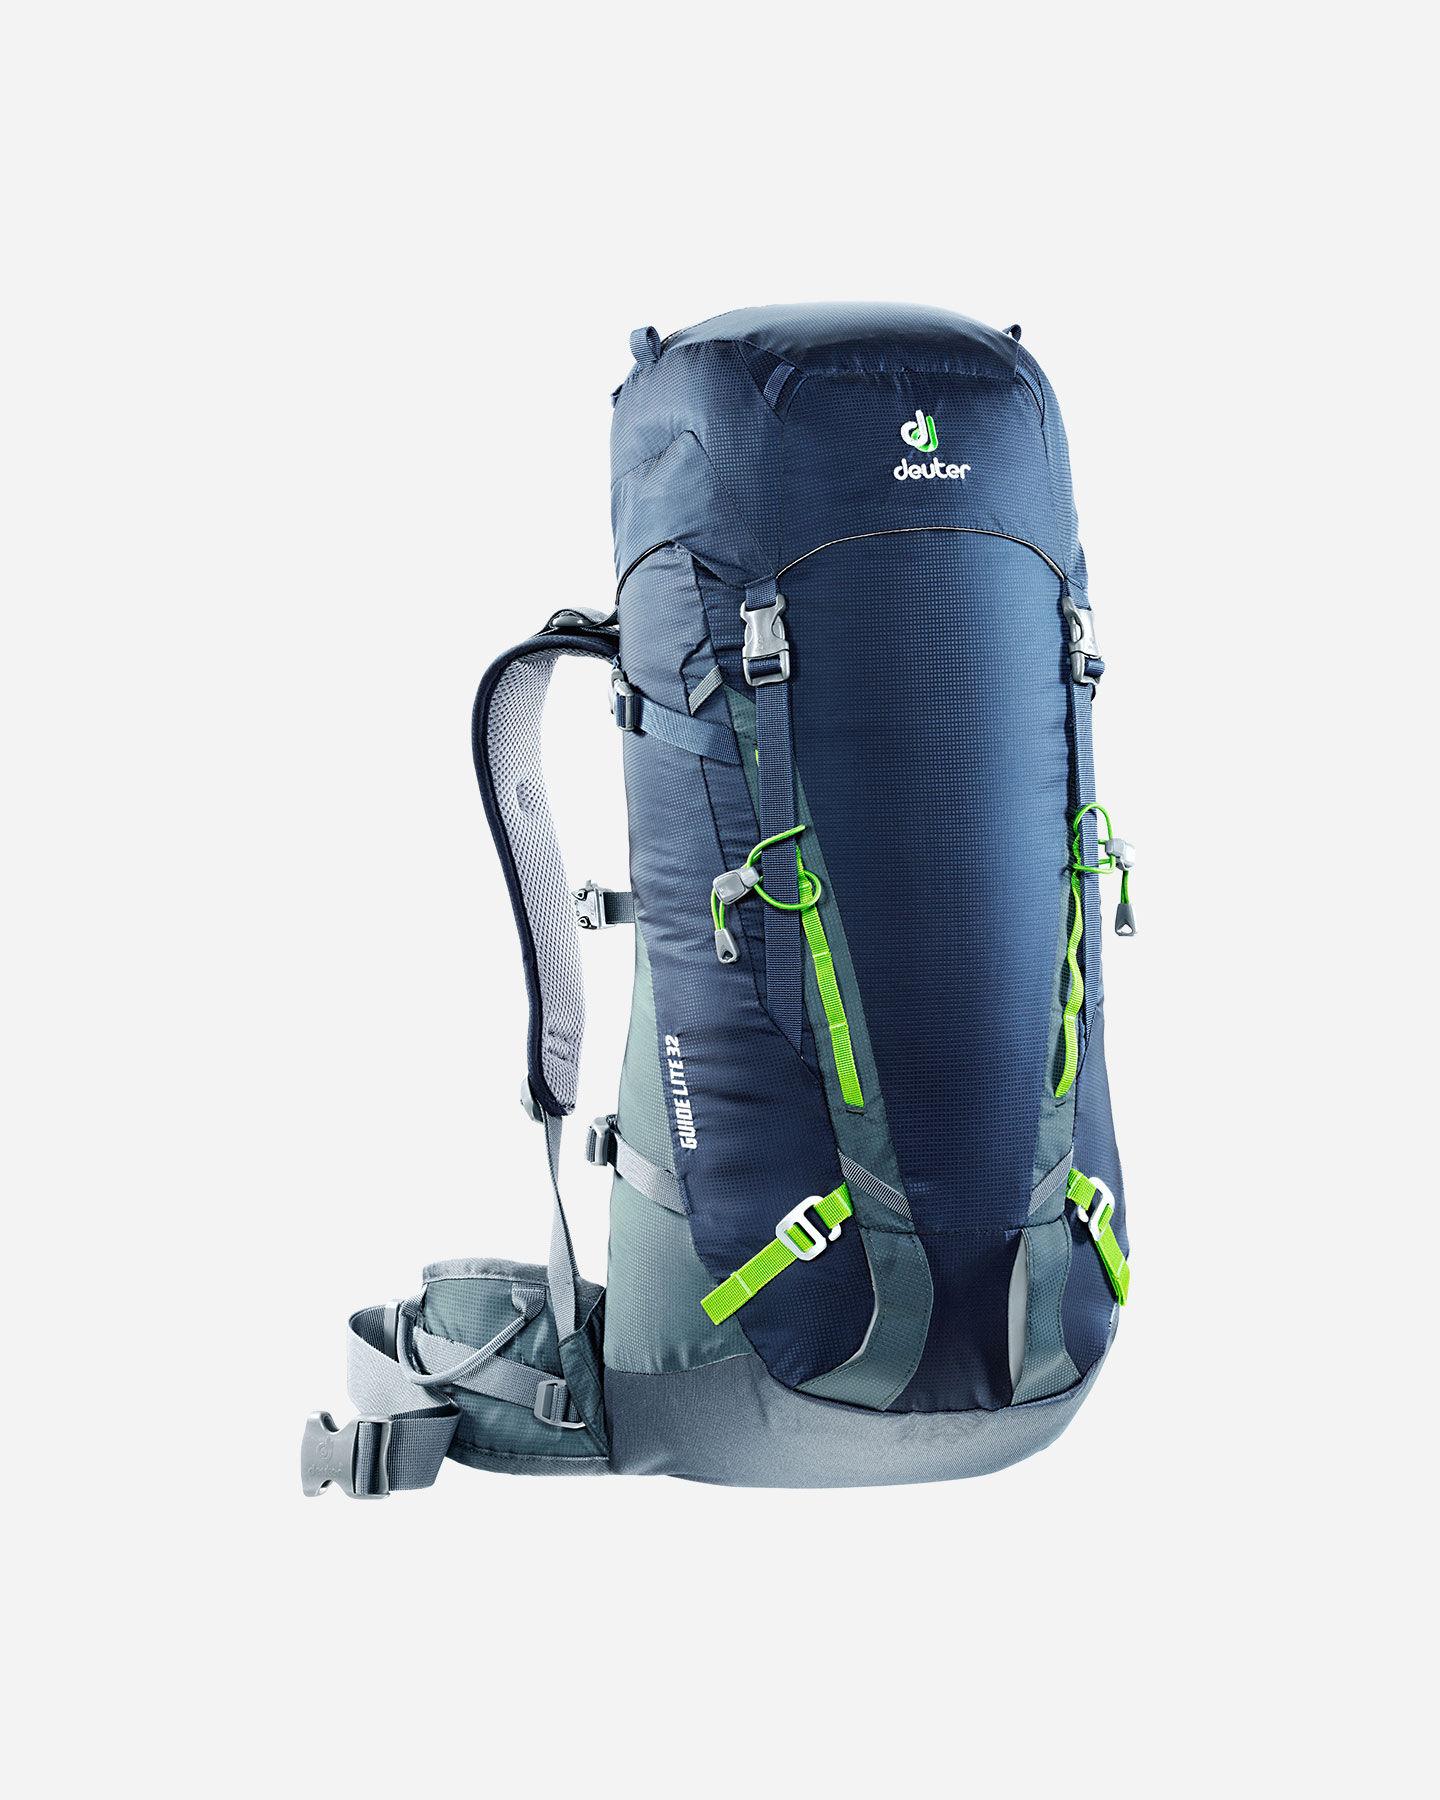 Zaino alpinismo DEUTER GUIDE LITE 32 S4012945 3400 UNI scatto 0